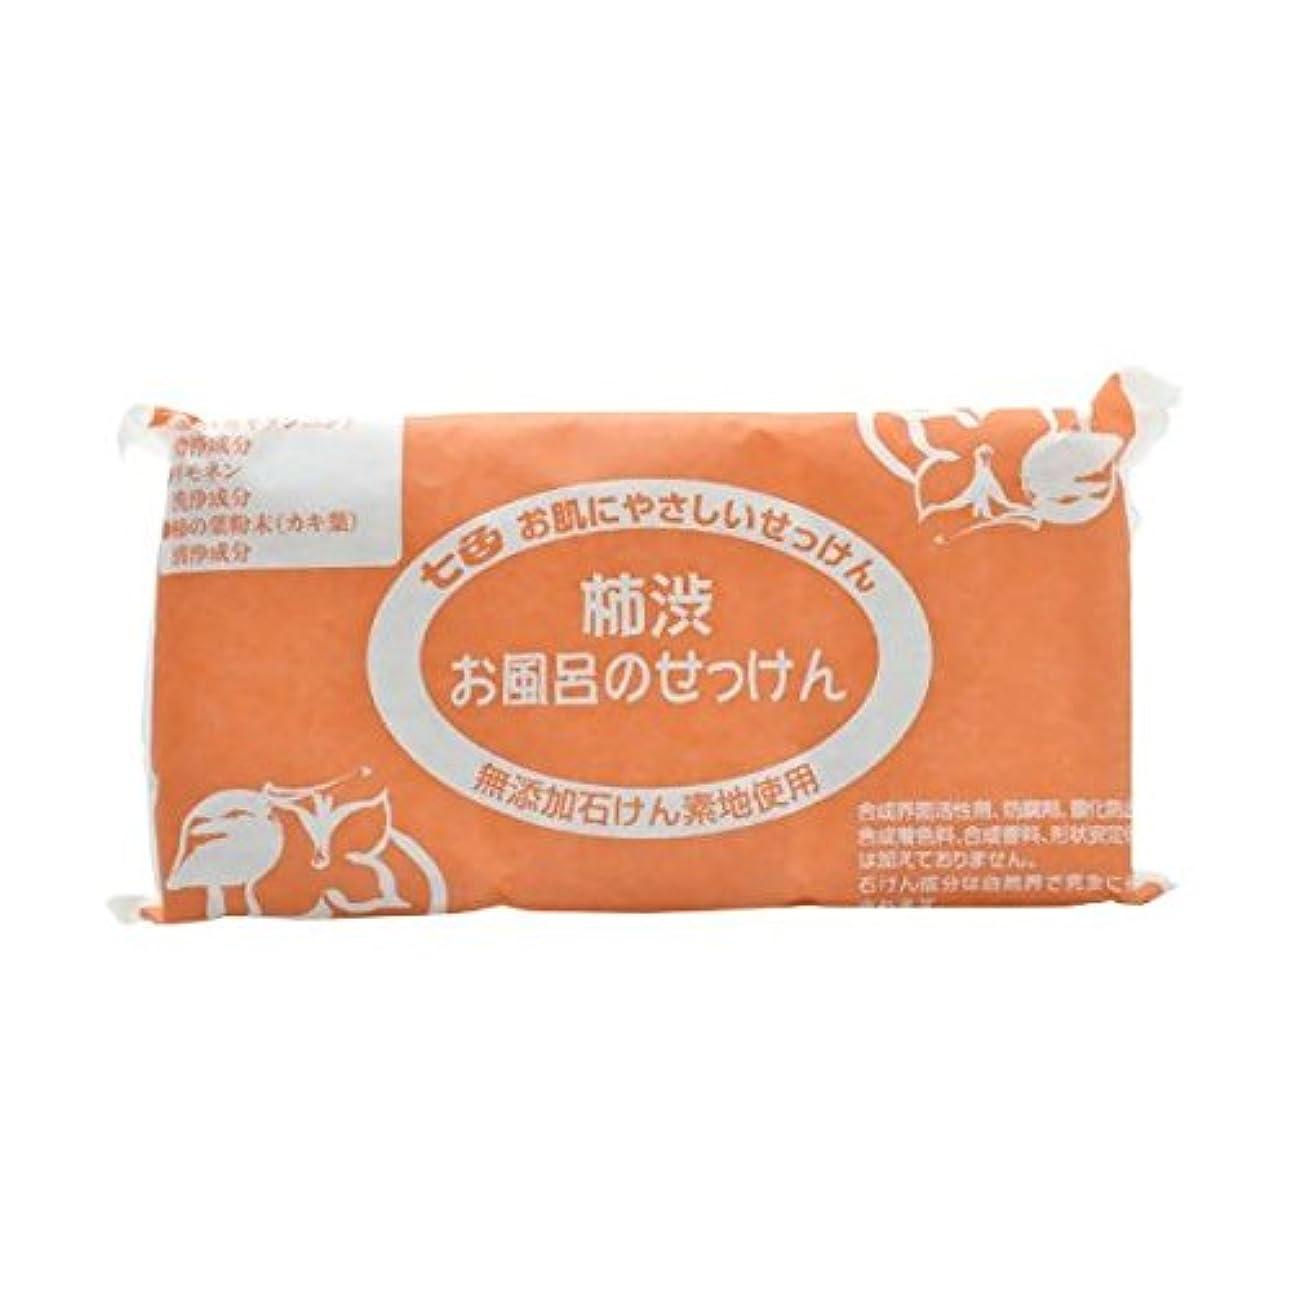 寸前かみそり想起(まとめ買い)七色 お風呂のせっけん 柿渋(無添加石鹸) 100g×3個入×9セット